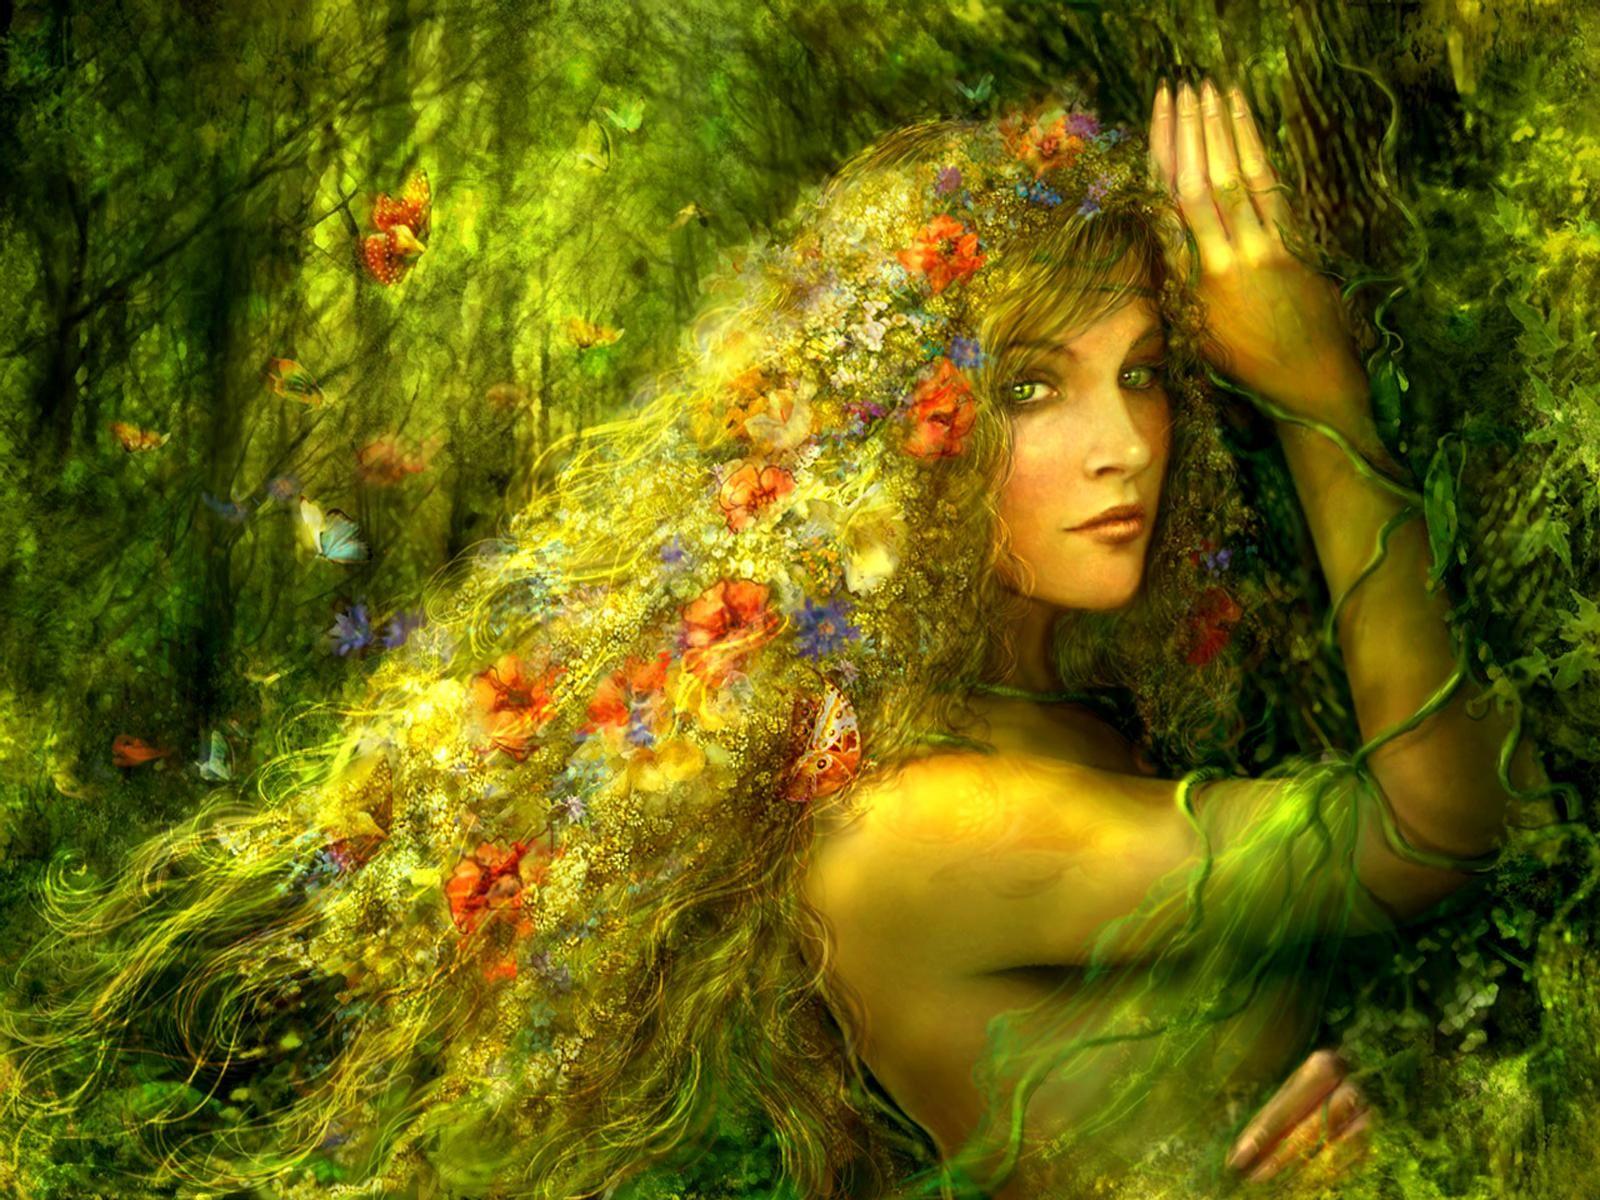 Bildergebnis für Bilder zu Frau das wunderbare Wesen Gemälde Avatars